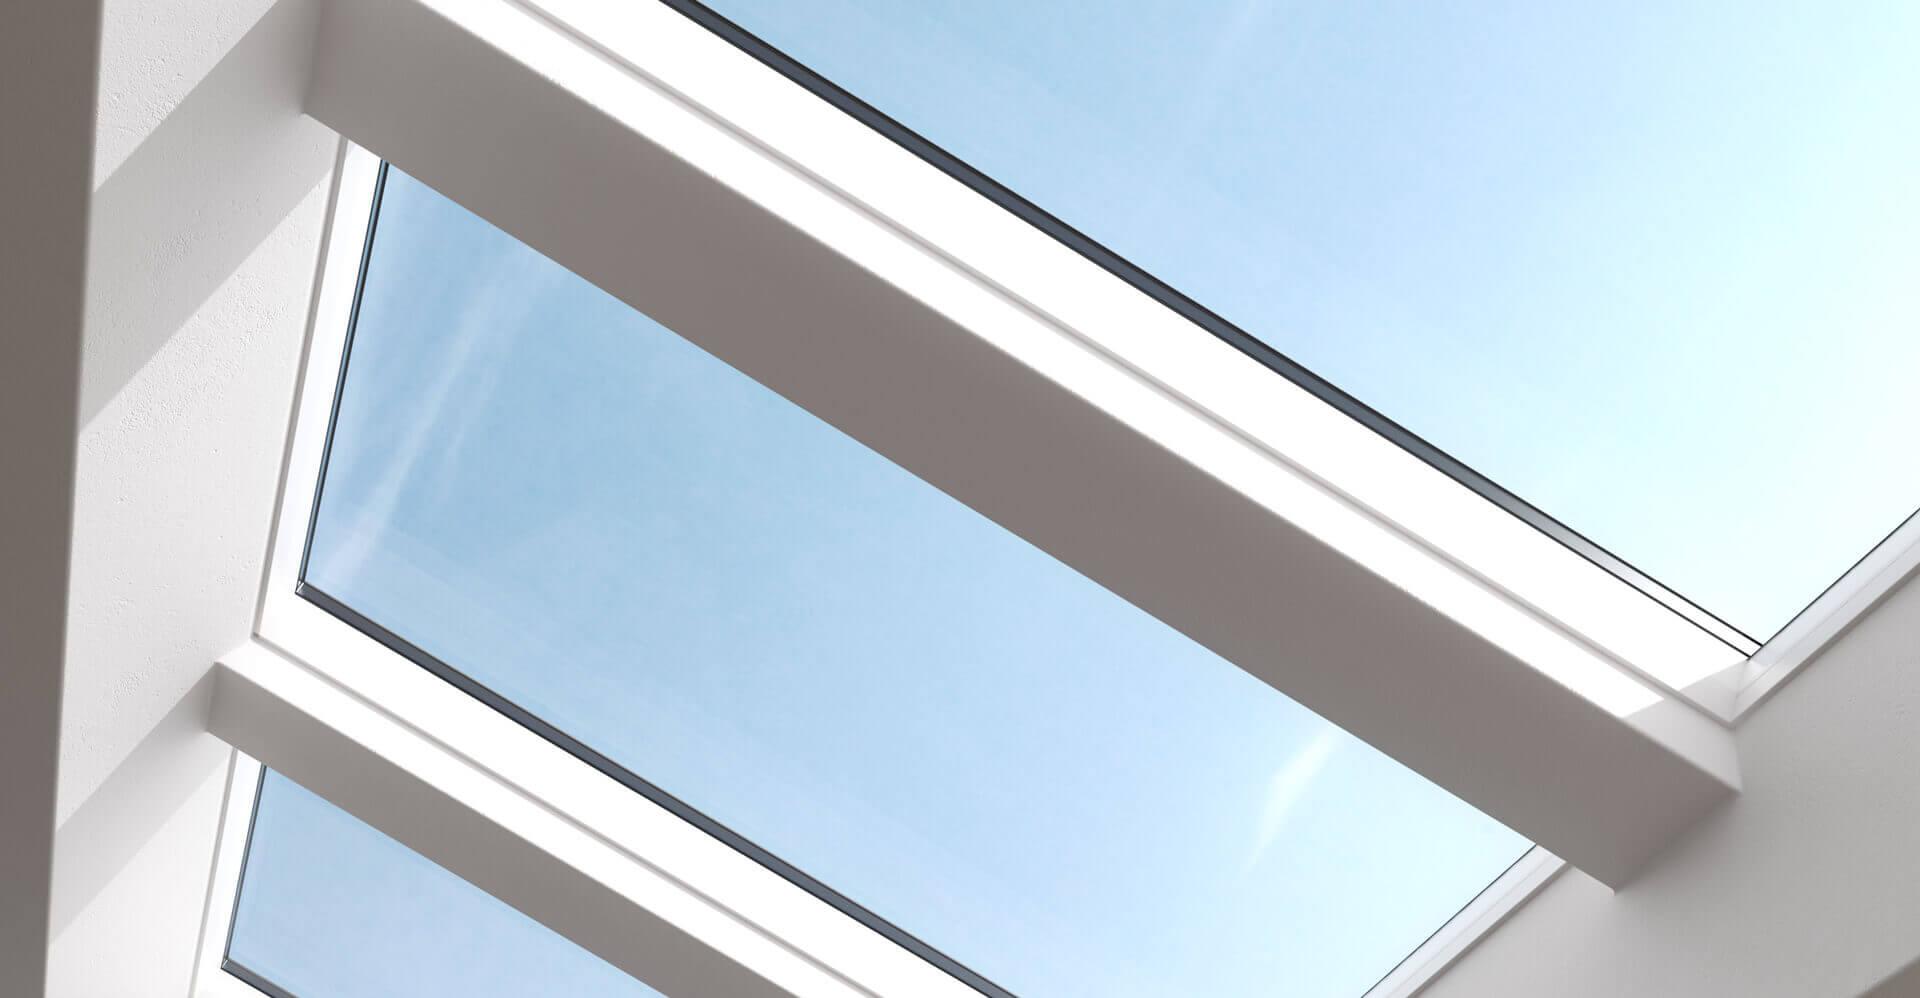 Afbeelding van de dakramen met een witte afwerking